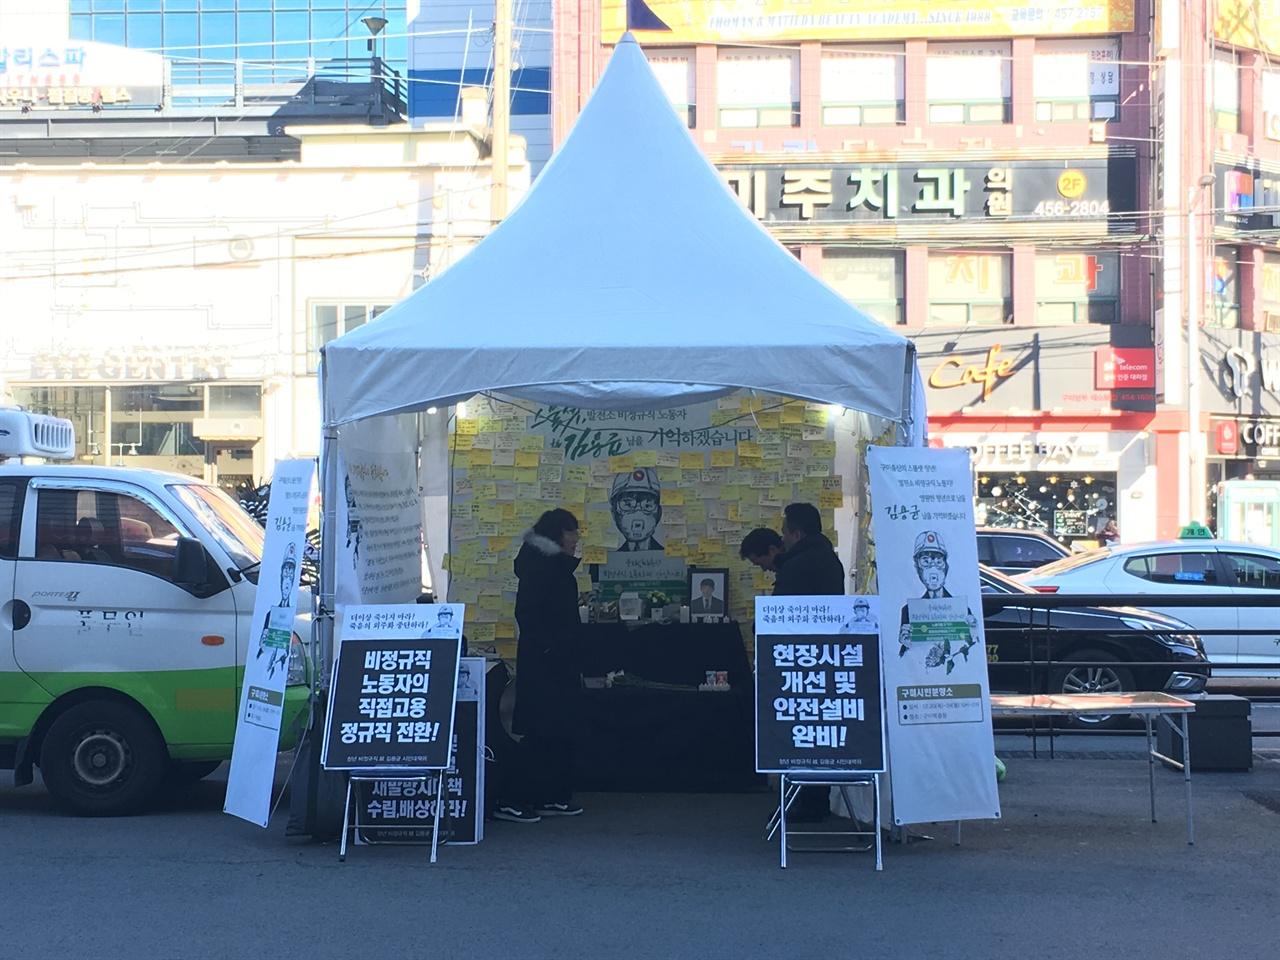 지난 12월 구미역 광장    고 김용균씨의 고향인 구미에 새워진 분향소. 그도 한 번쯤 훌쩍 떠나길 꿈꾸지 않았을까?